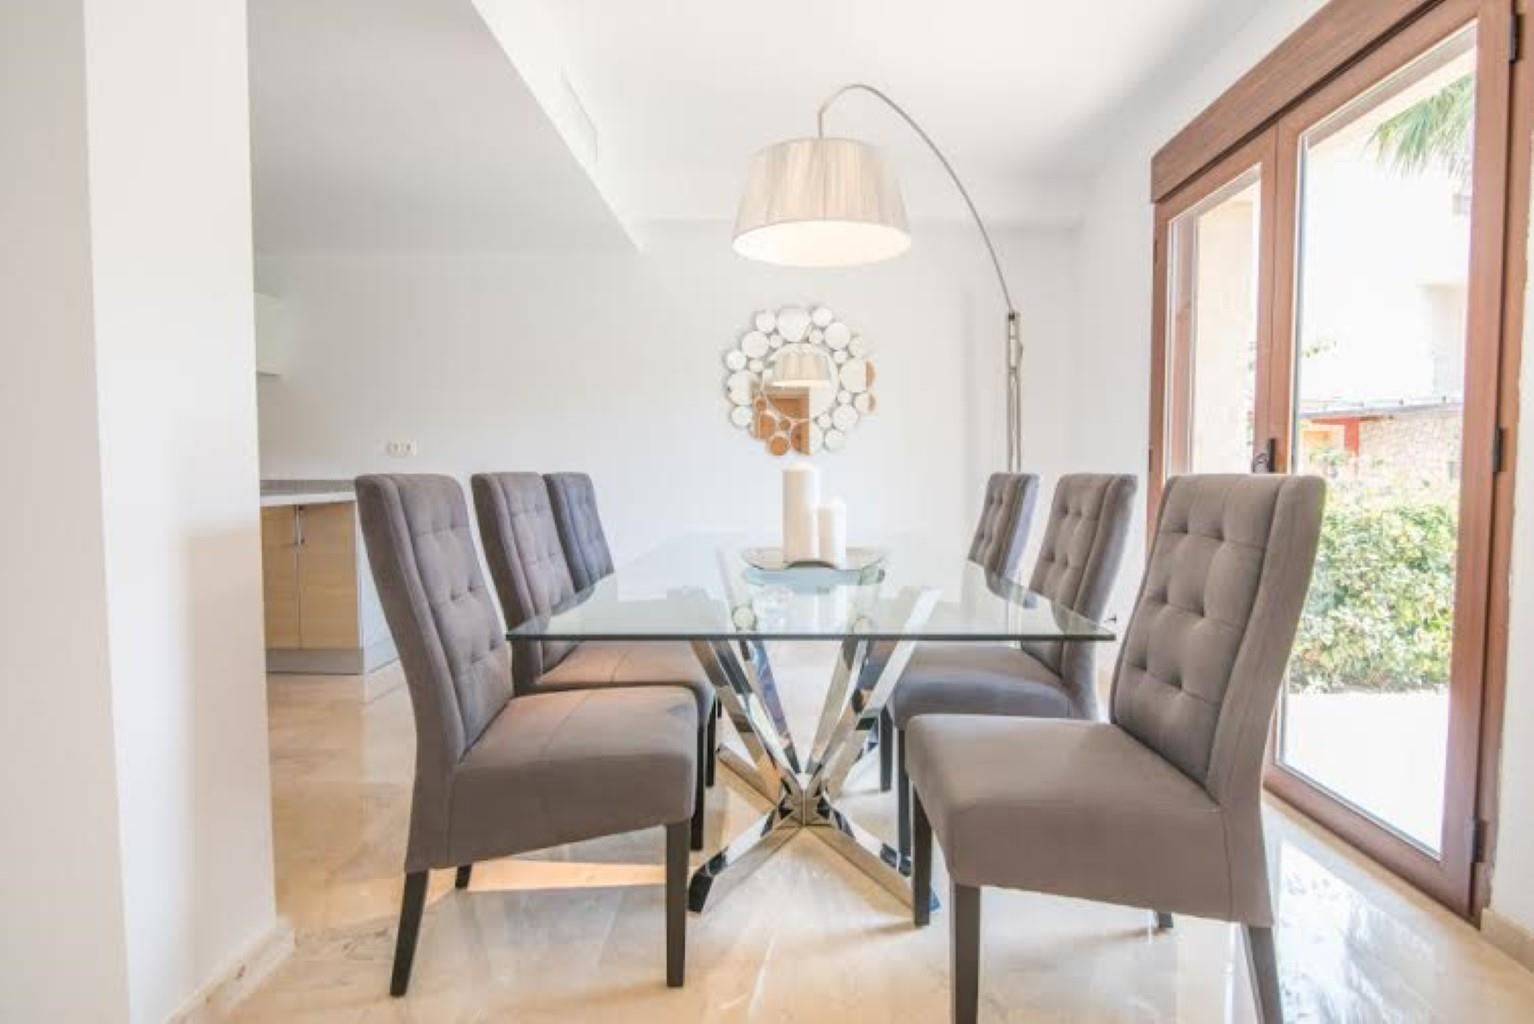 Appartement - Benissa - #2183138-8